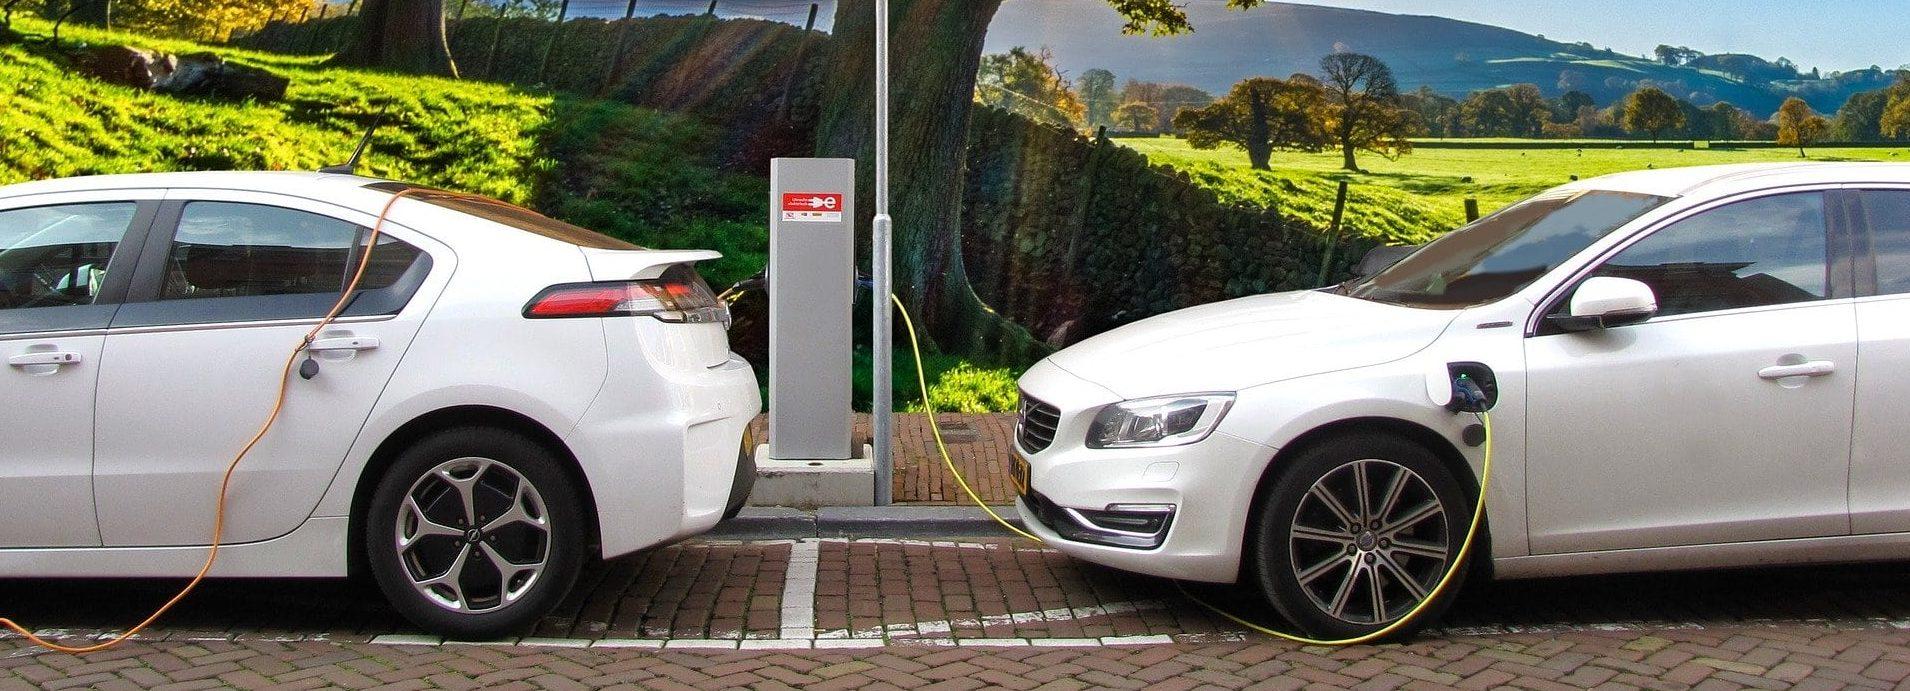 Neuerungen zu Elektroautos